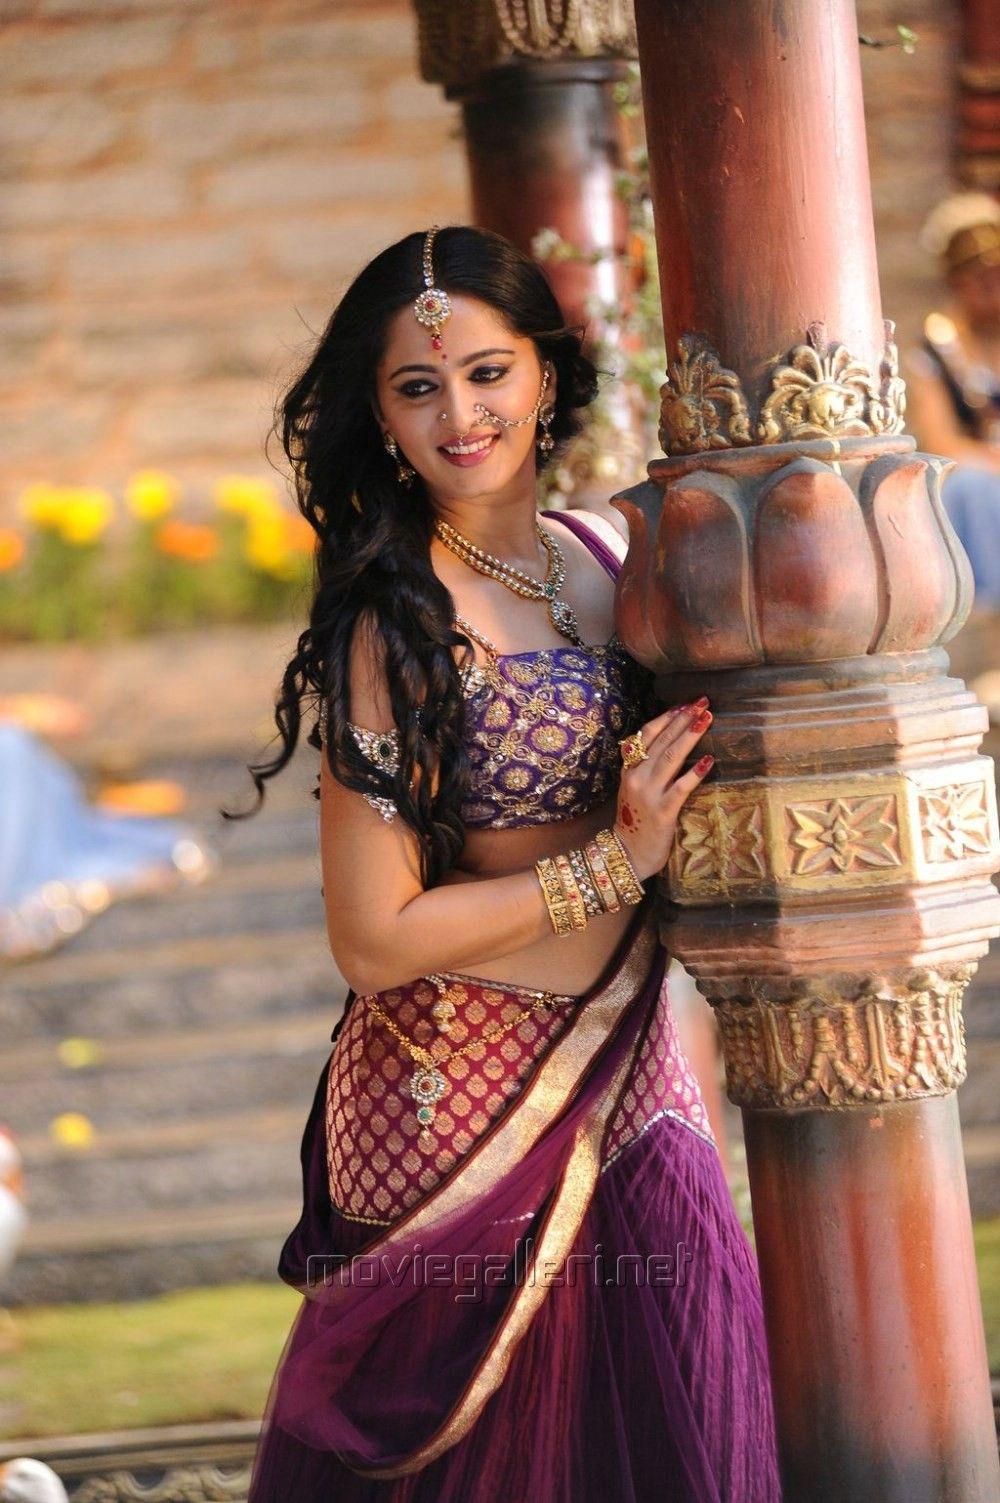 Anushka shetty anushka shetty hot stills pictures beautiful pictures - Anushka Shetty Hot Images In Rudhramadevi